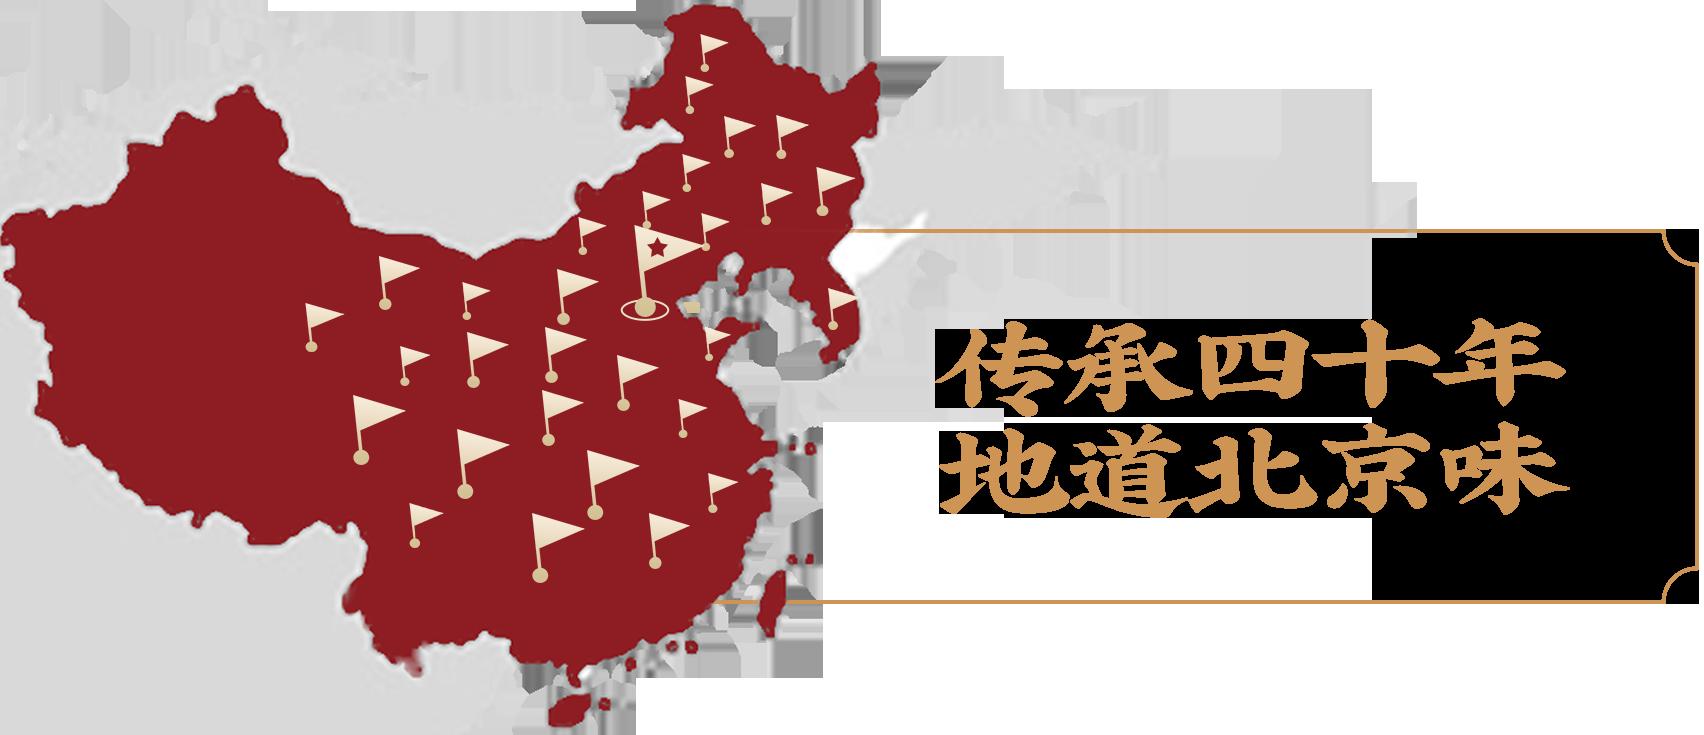 咏巷炸鸡全国加盟门店分布图